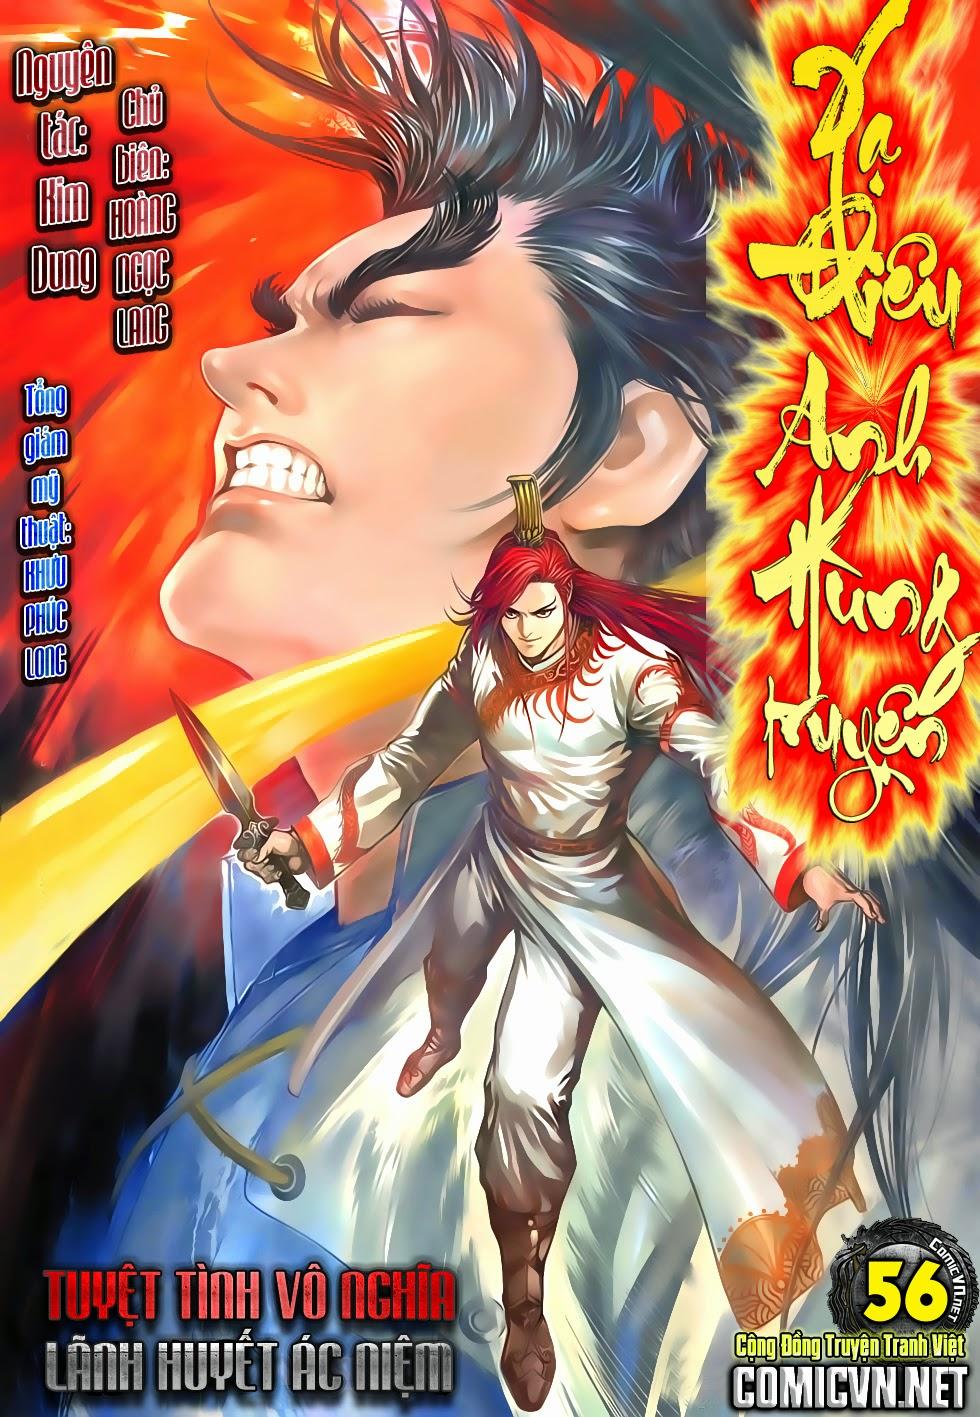 Anh Hùng Xạ Điêu anh hùng xạ đêu chap 56: tuyệt tình vô nghĩa lãnh huyết ác niệm trang 1